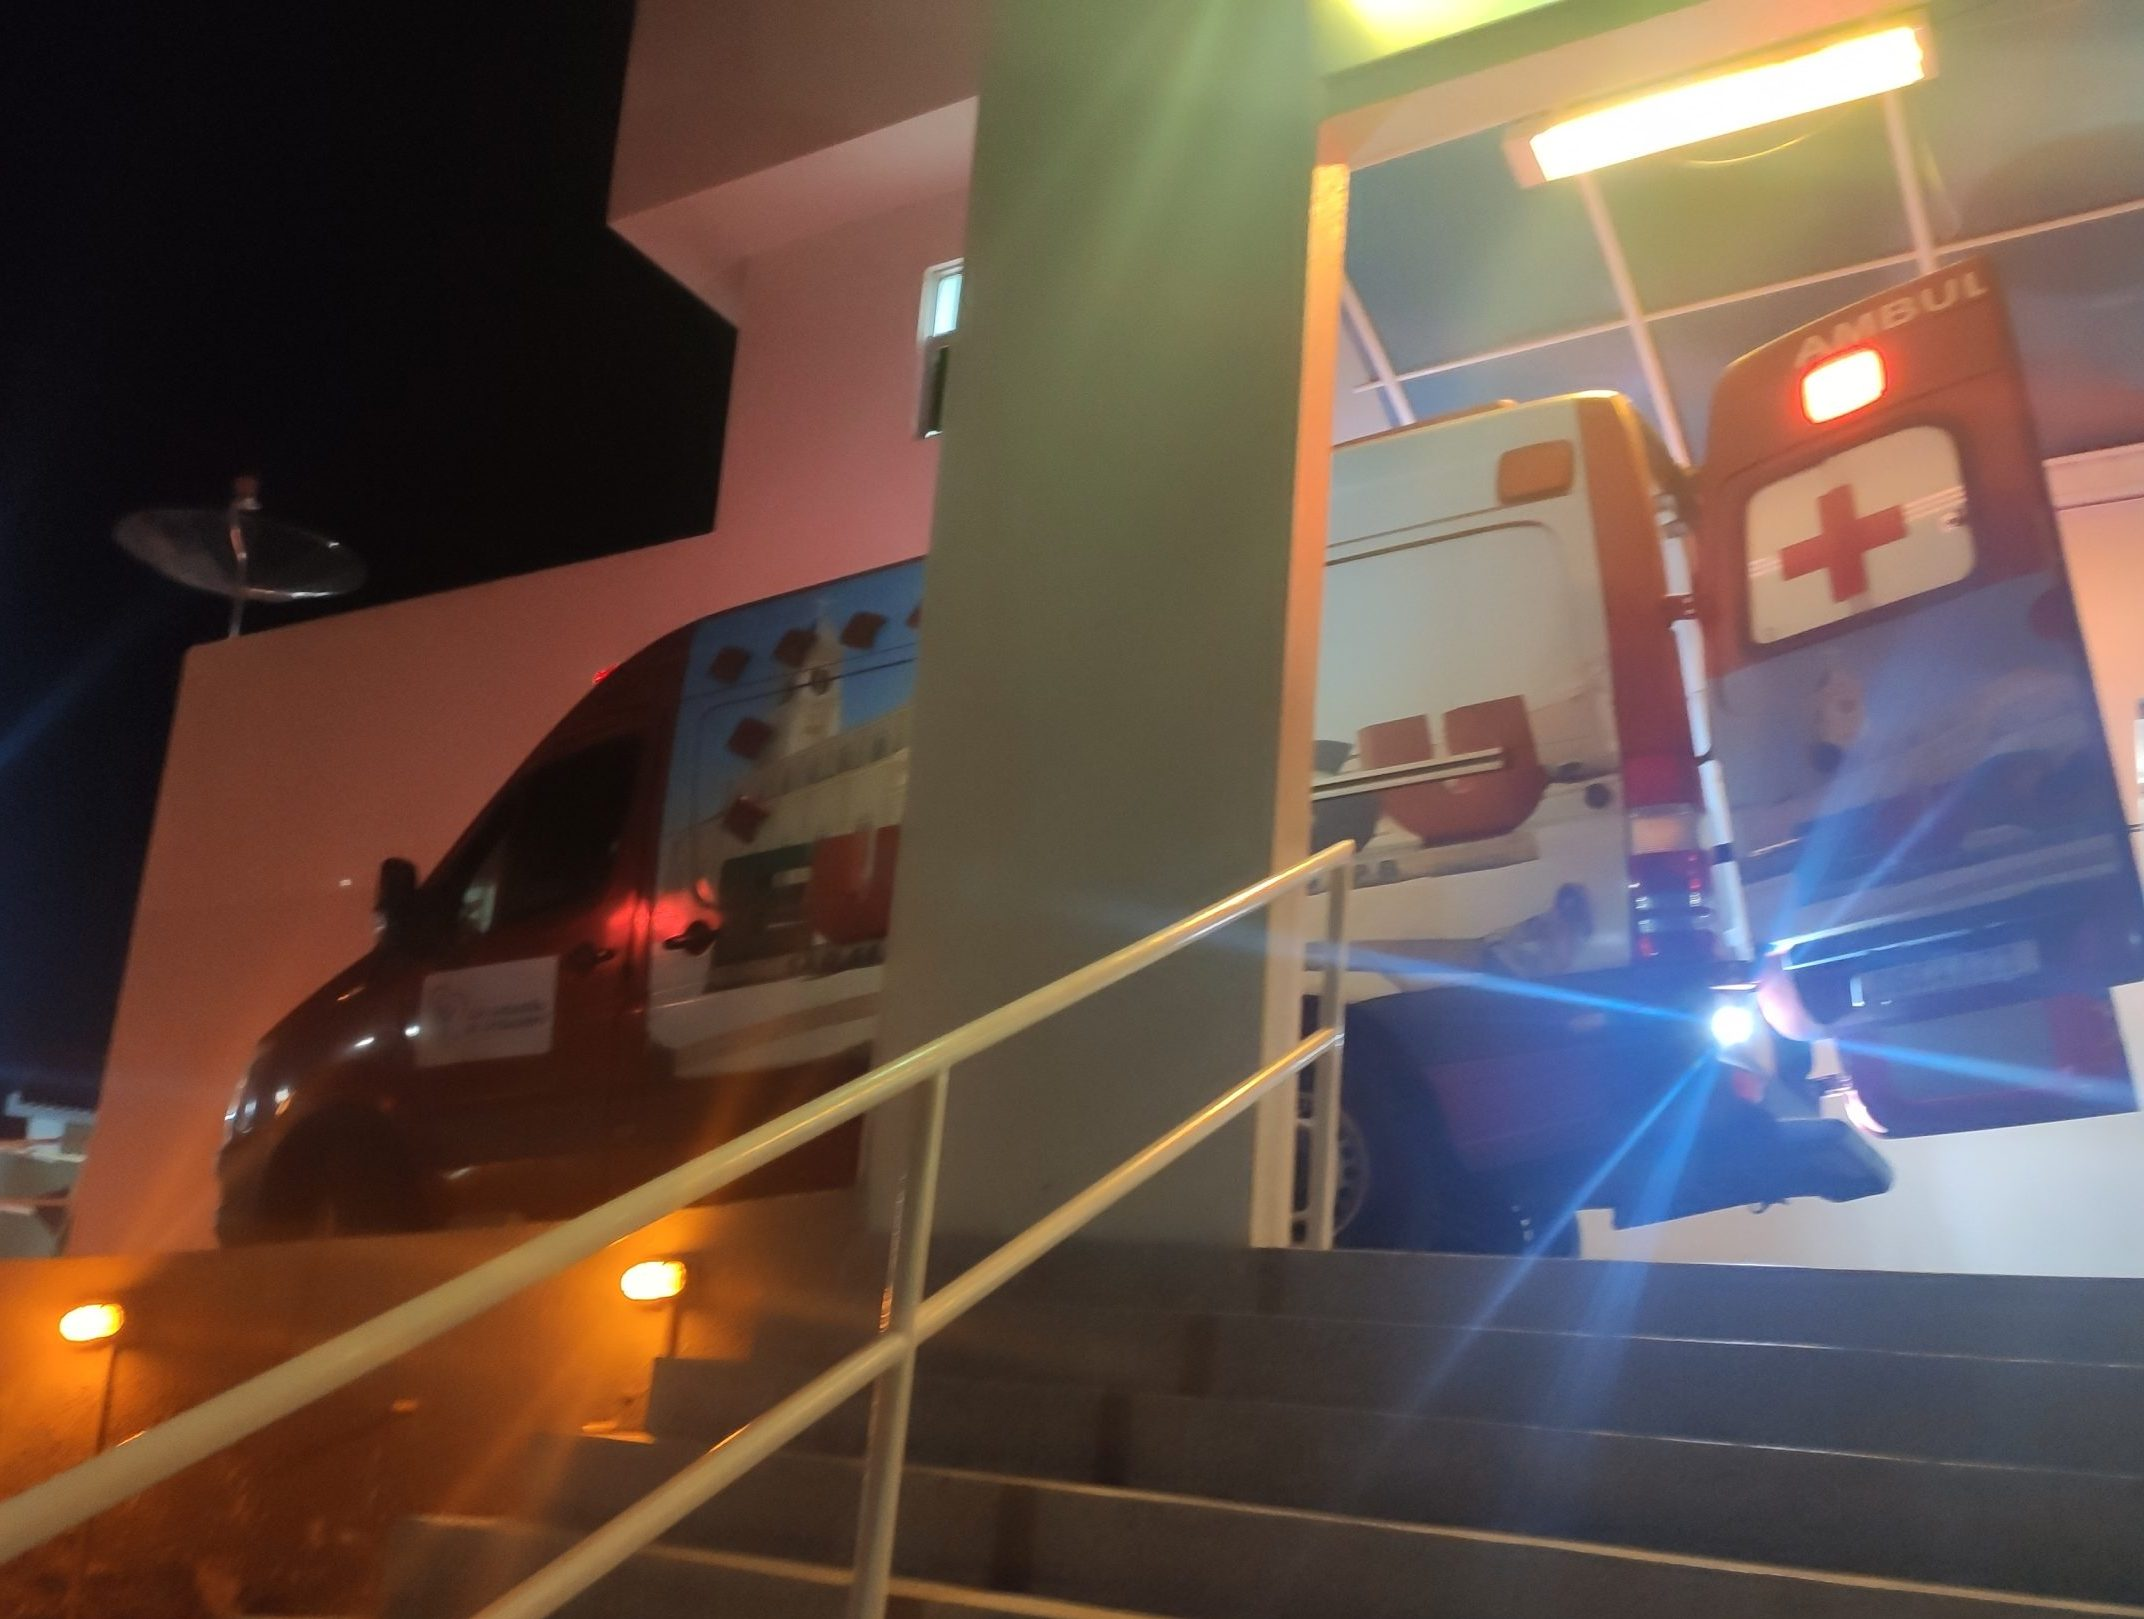 IMG_20211002_191842-scaled-e1633214121130 Jovem perde controle de moto e fica gravemente ferido em São Sebastião do Umbuzeiro